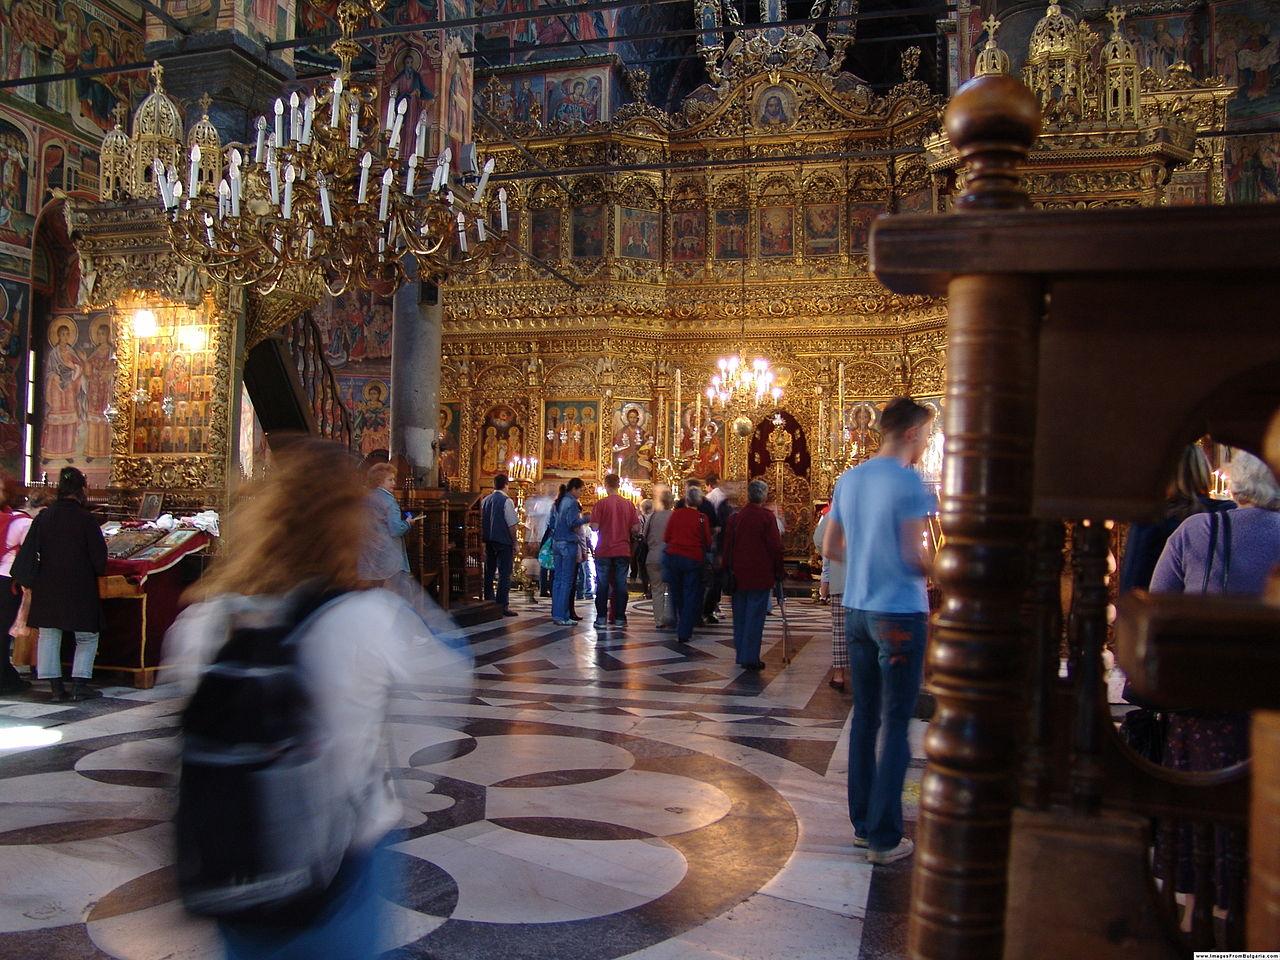 Рильский монастырь, внутри главной церкви